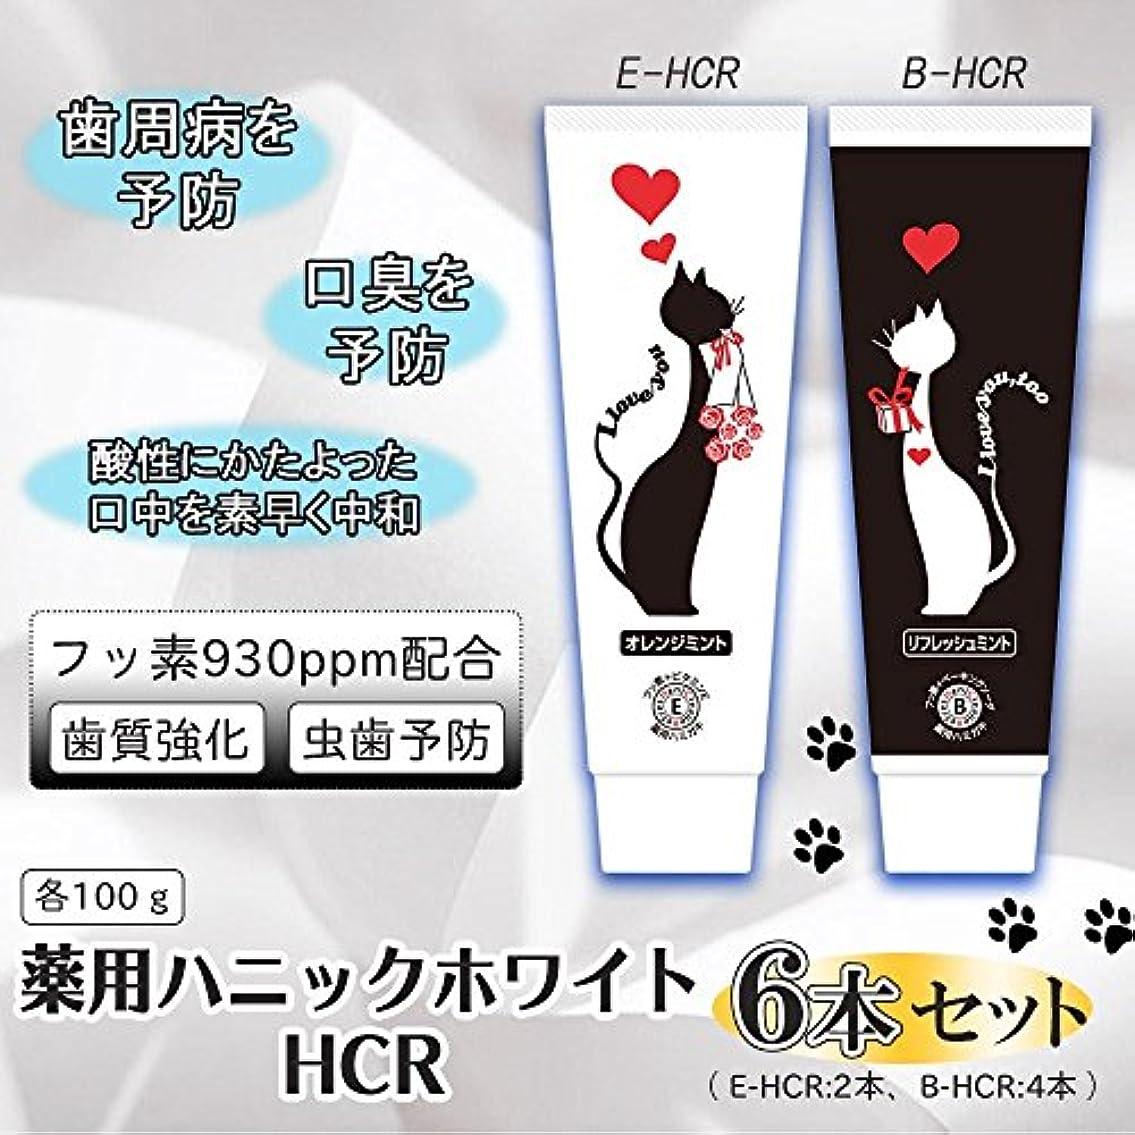 薬用 HCR ペアセット(6本入り)